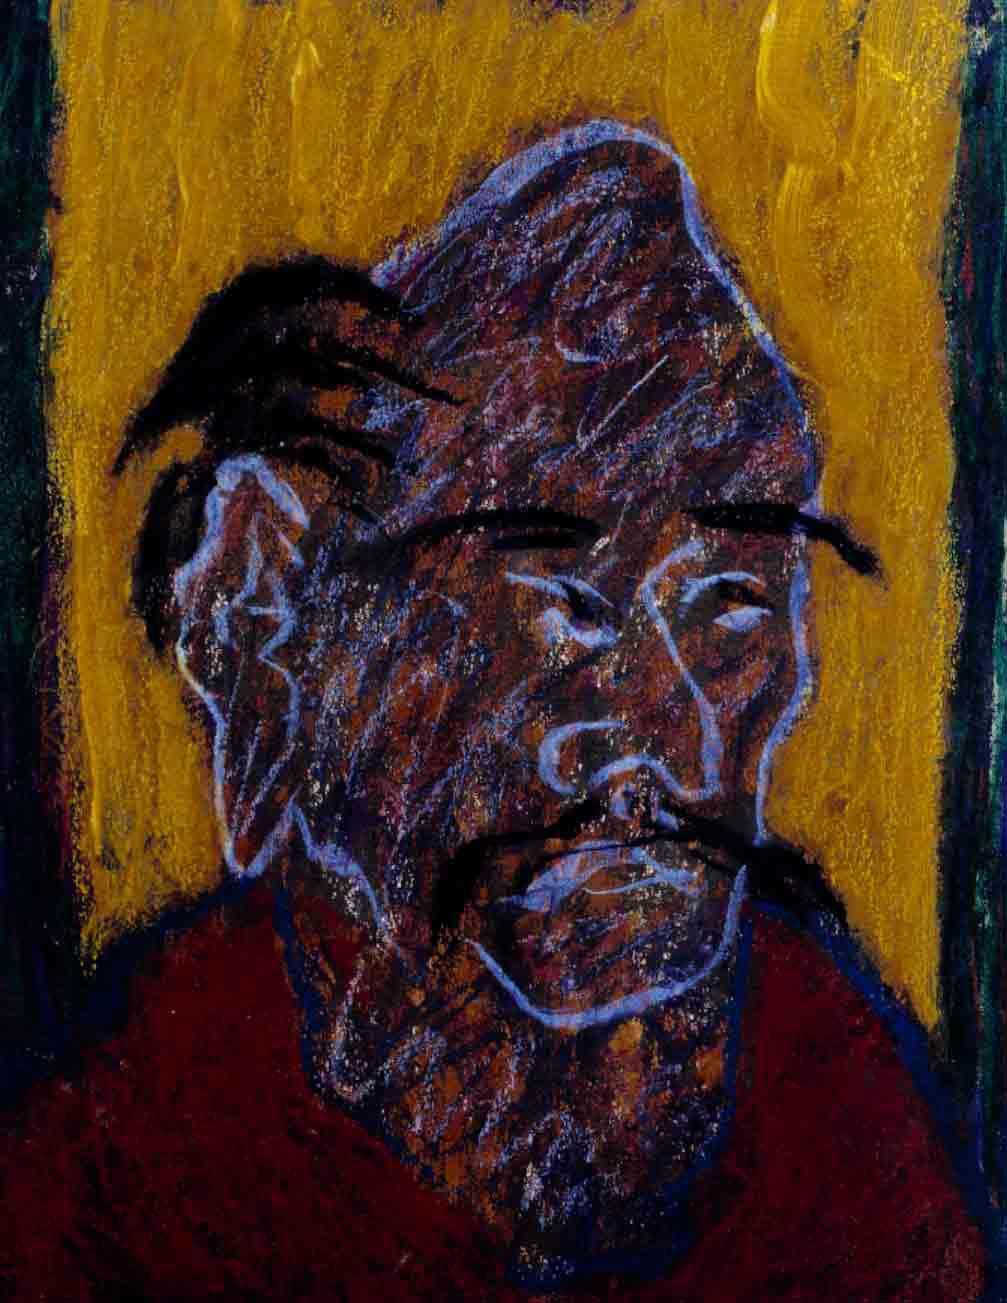 Nagarajuna, patriarche du bouddhisme zen de la ligné de Maître Kosen